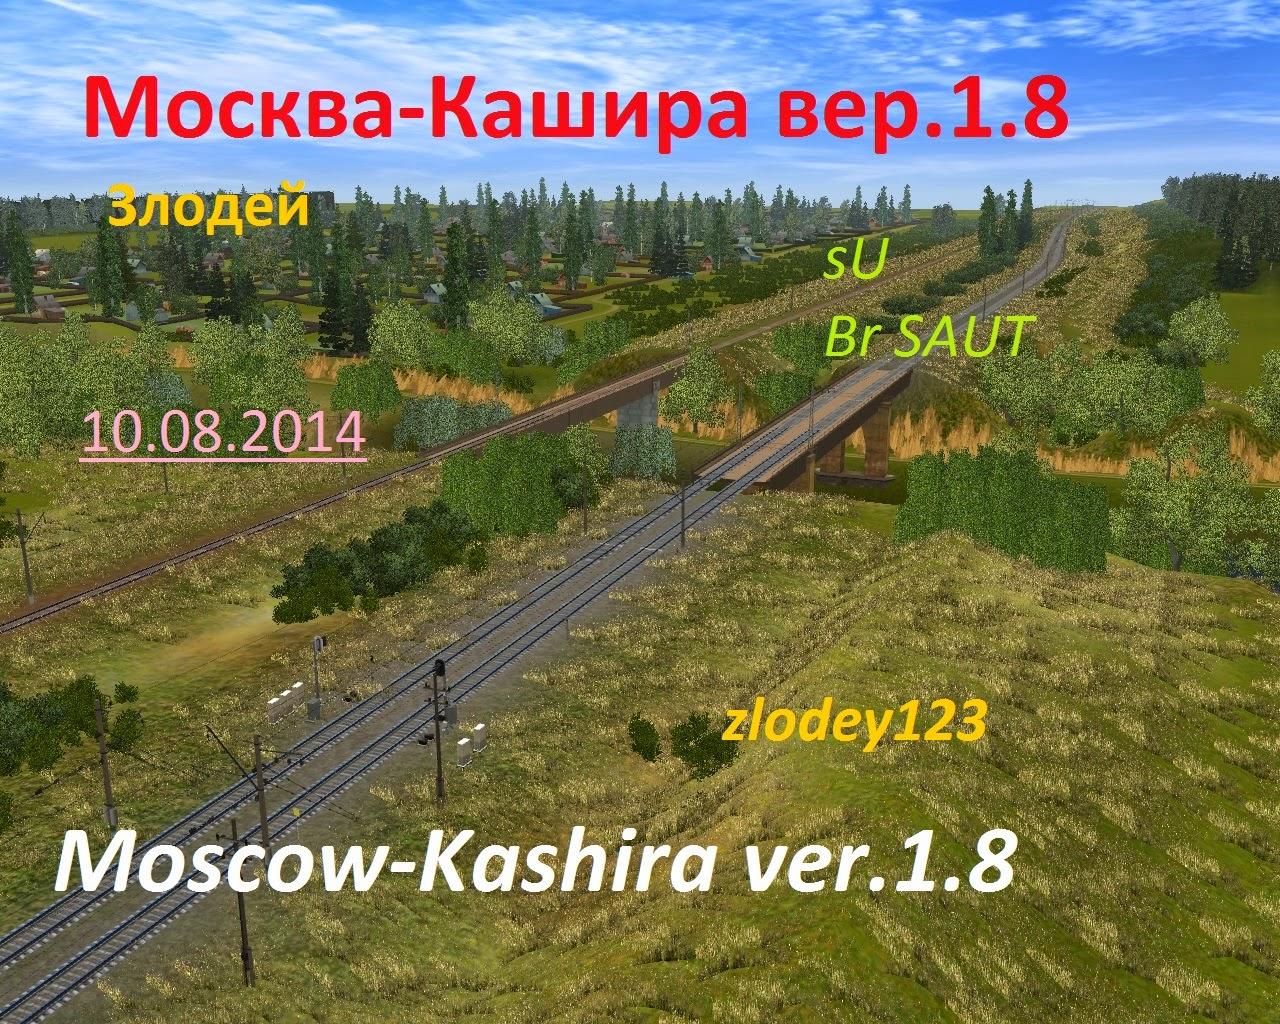 zlodey123_20140810_0000.jpg